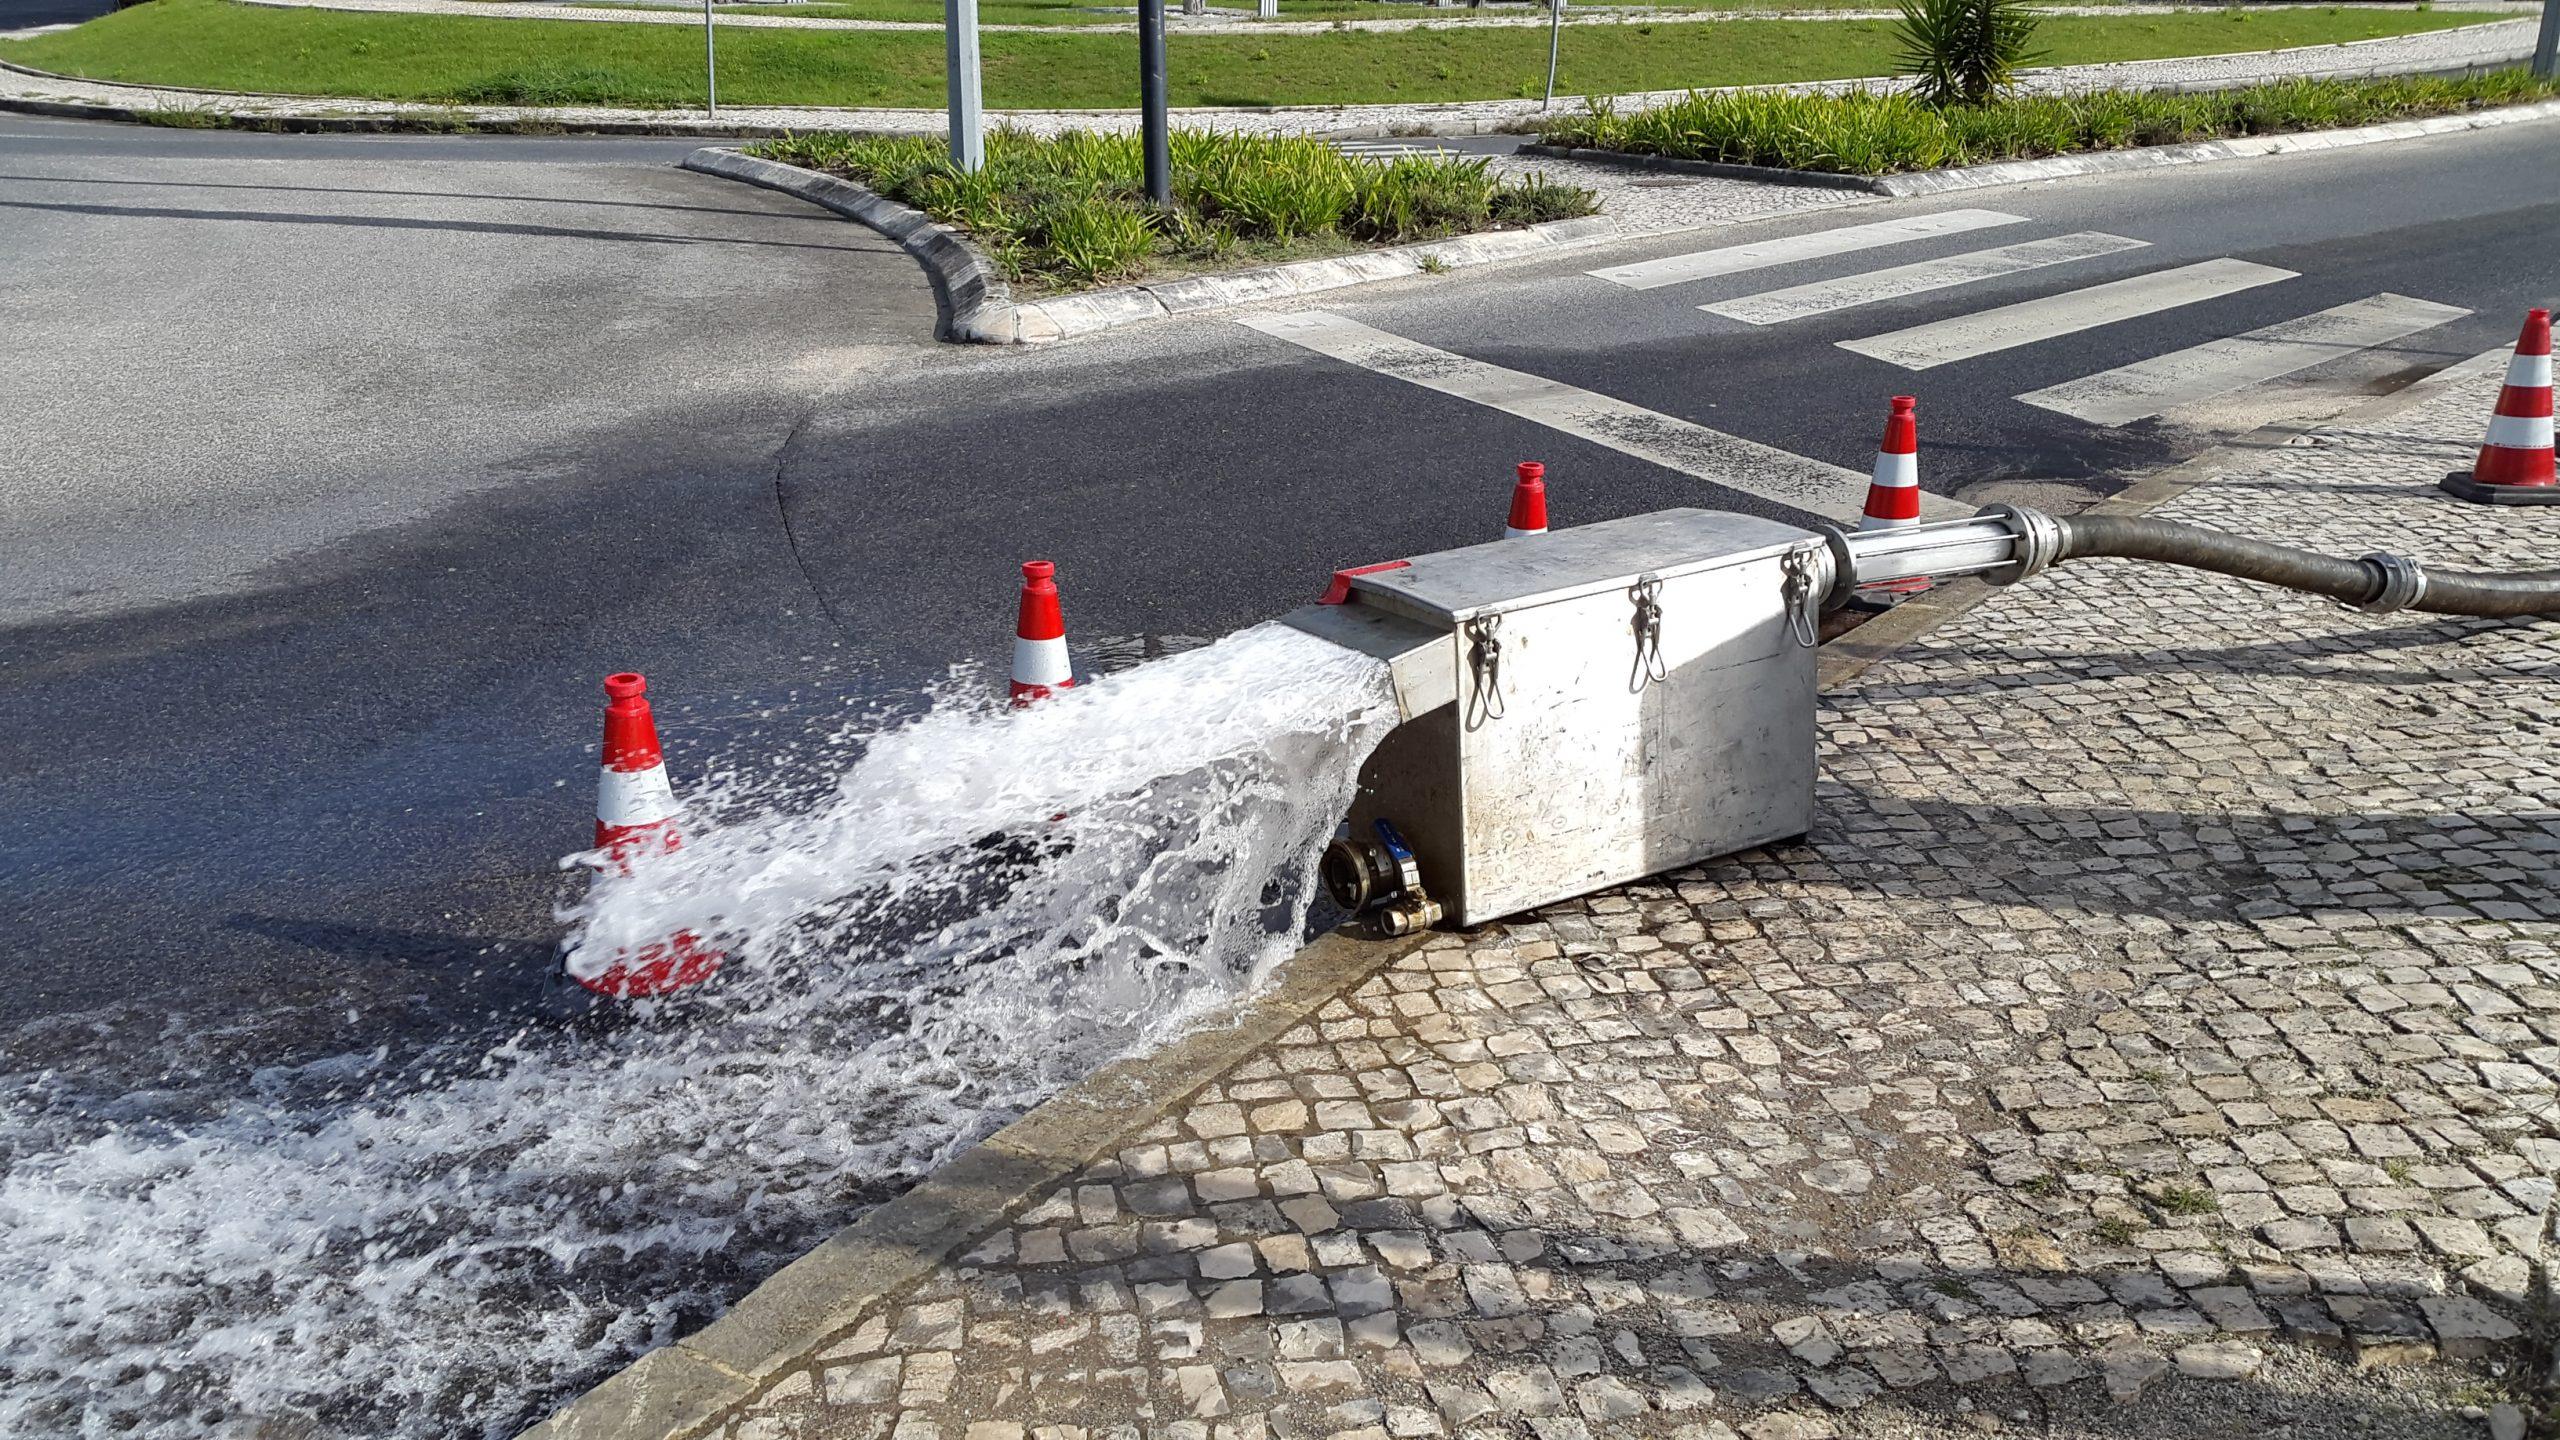 AQUANENA realiza operação de limpeza de condutas de água na vila de Alcanena